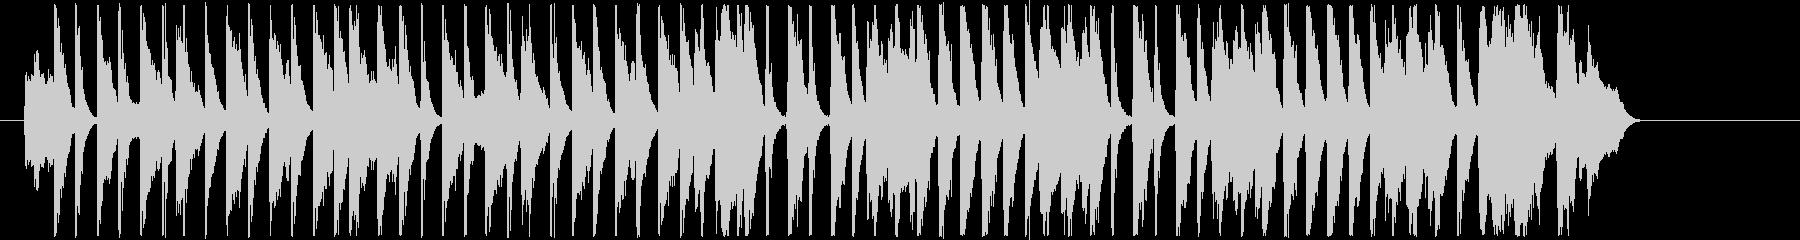 30秒ユーチューバー動画に コーラス入りの未再生の波形